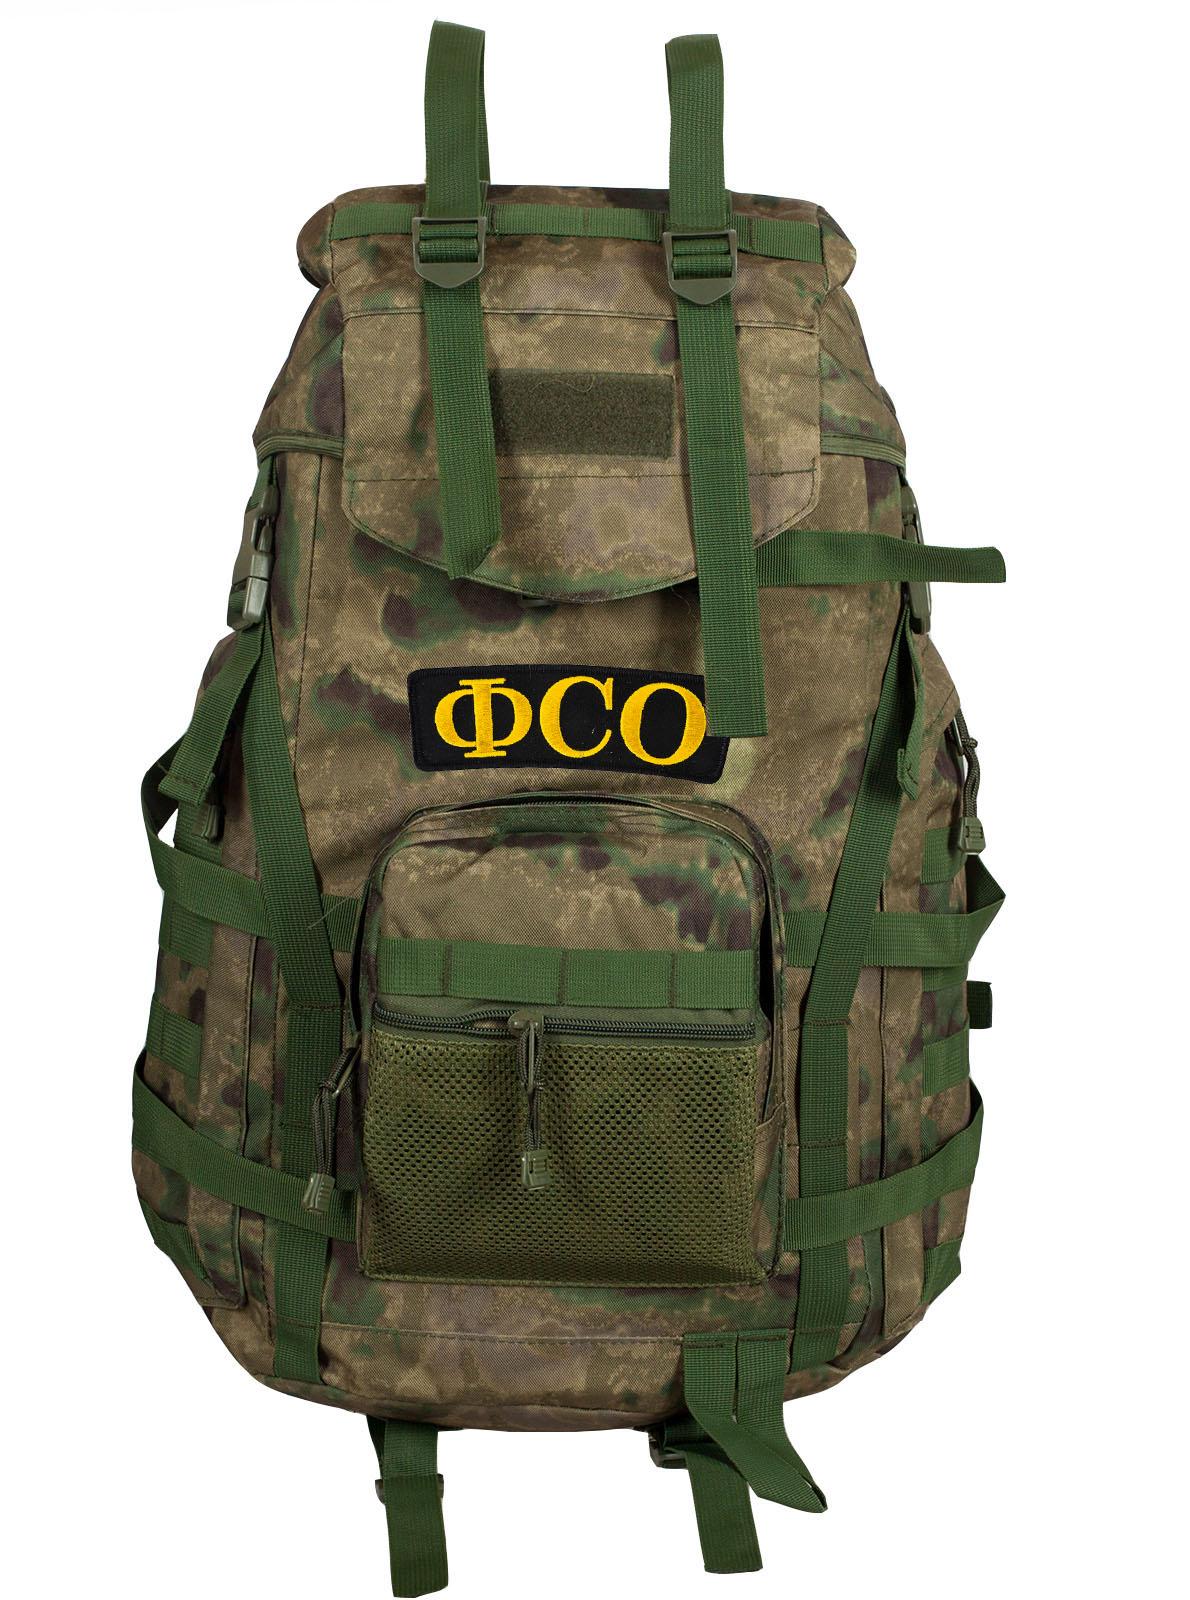 Военный заплечный рюкзак MultiCam A-TACS FG ФСО - заказать оптом